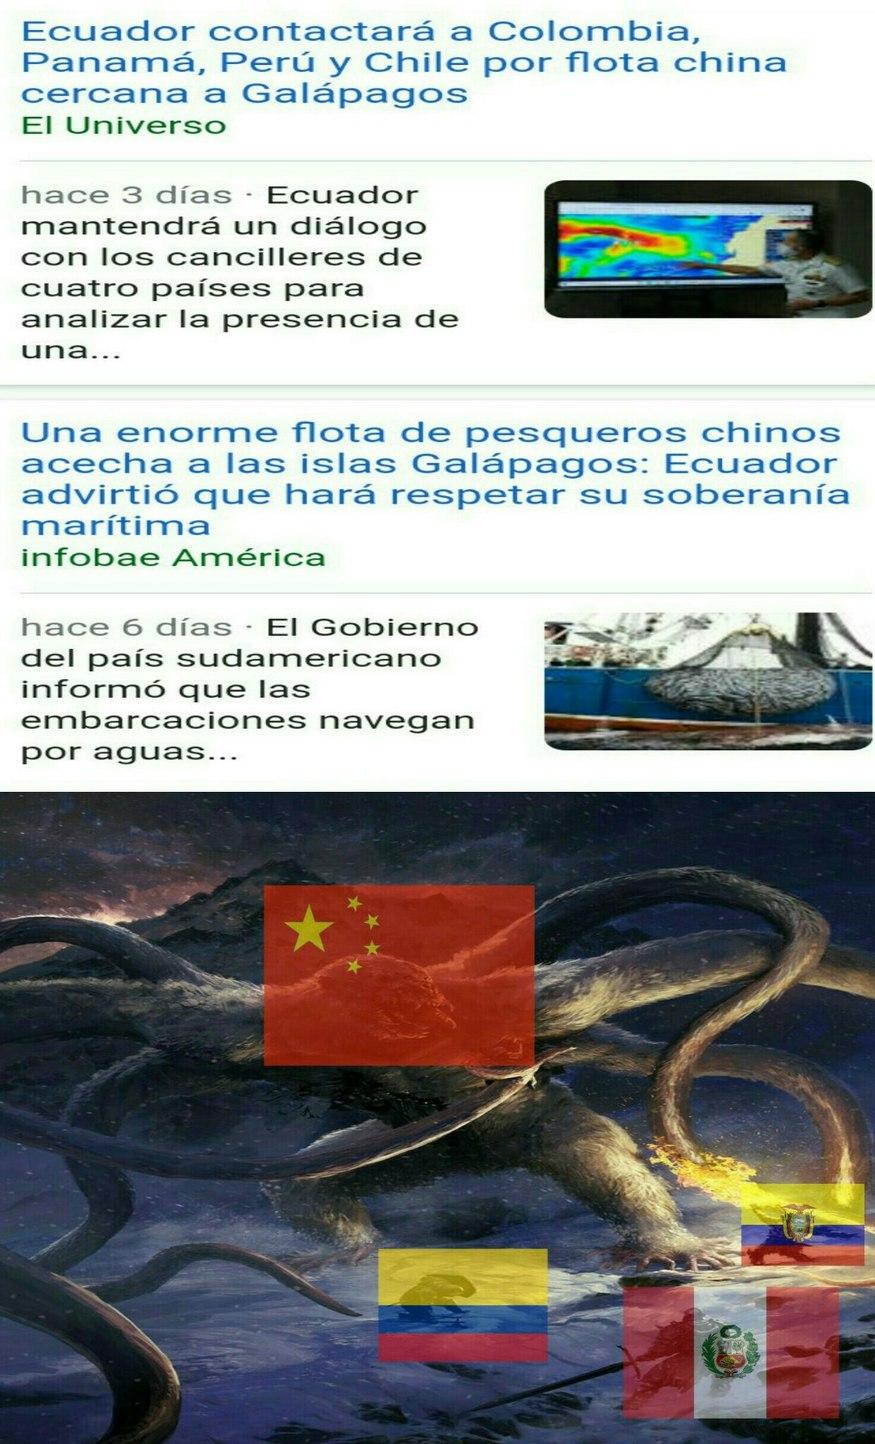 Como desaparecer media latinoamérica - meme